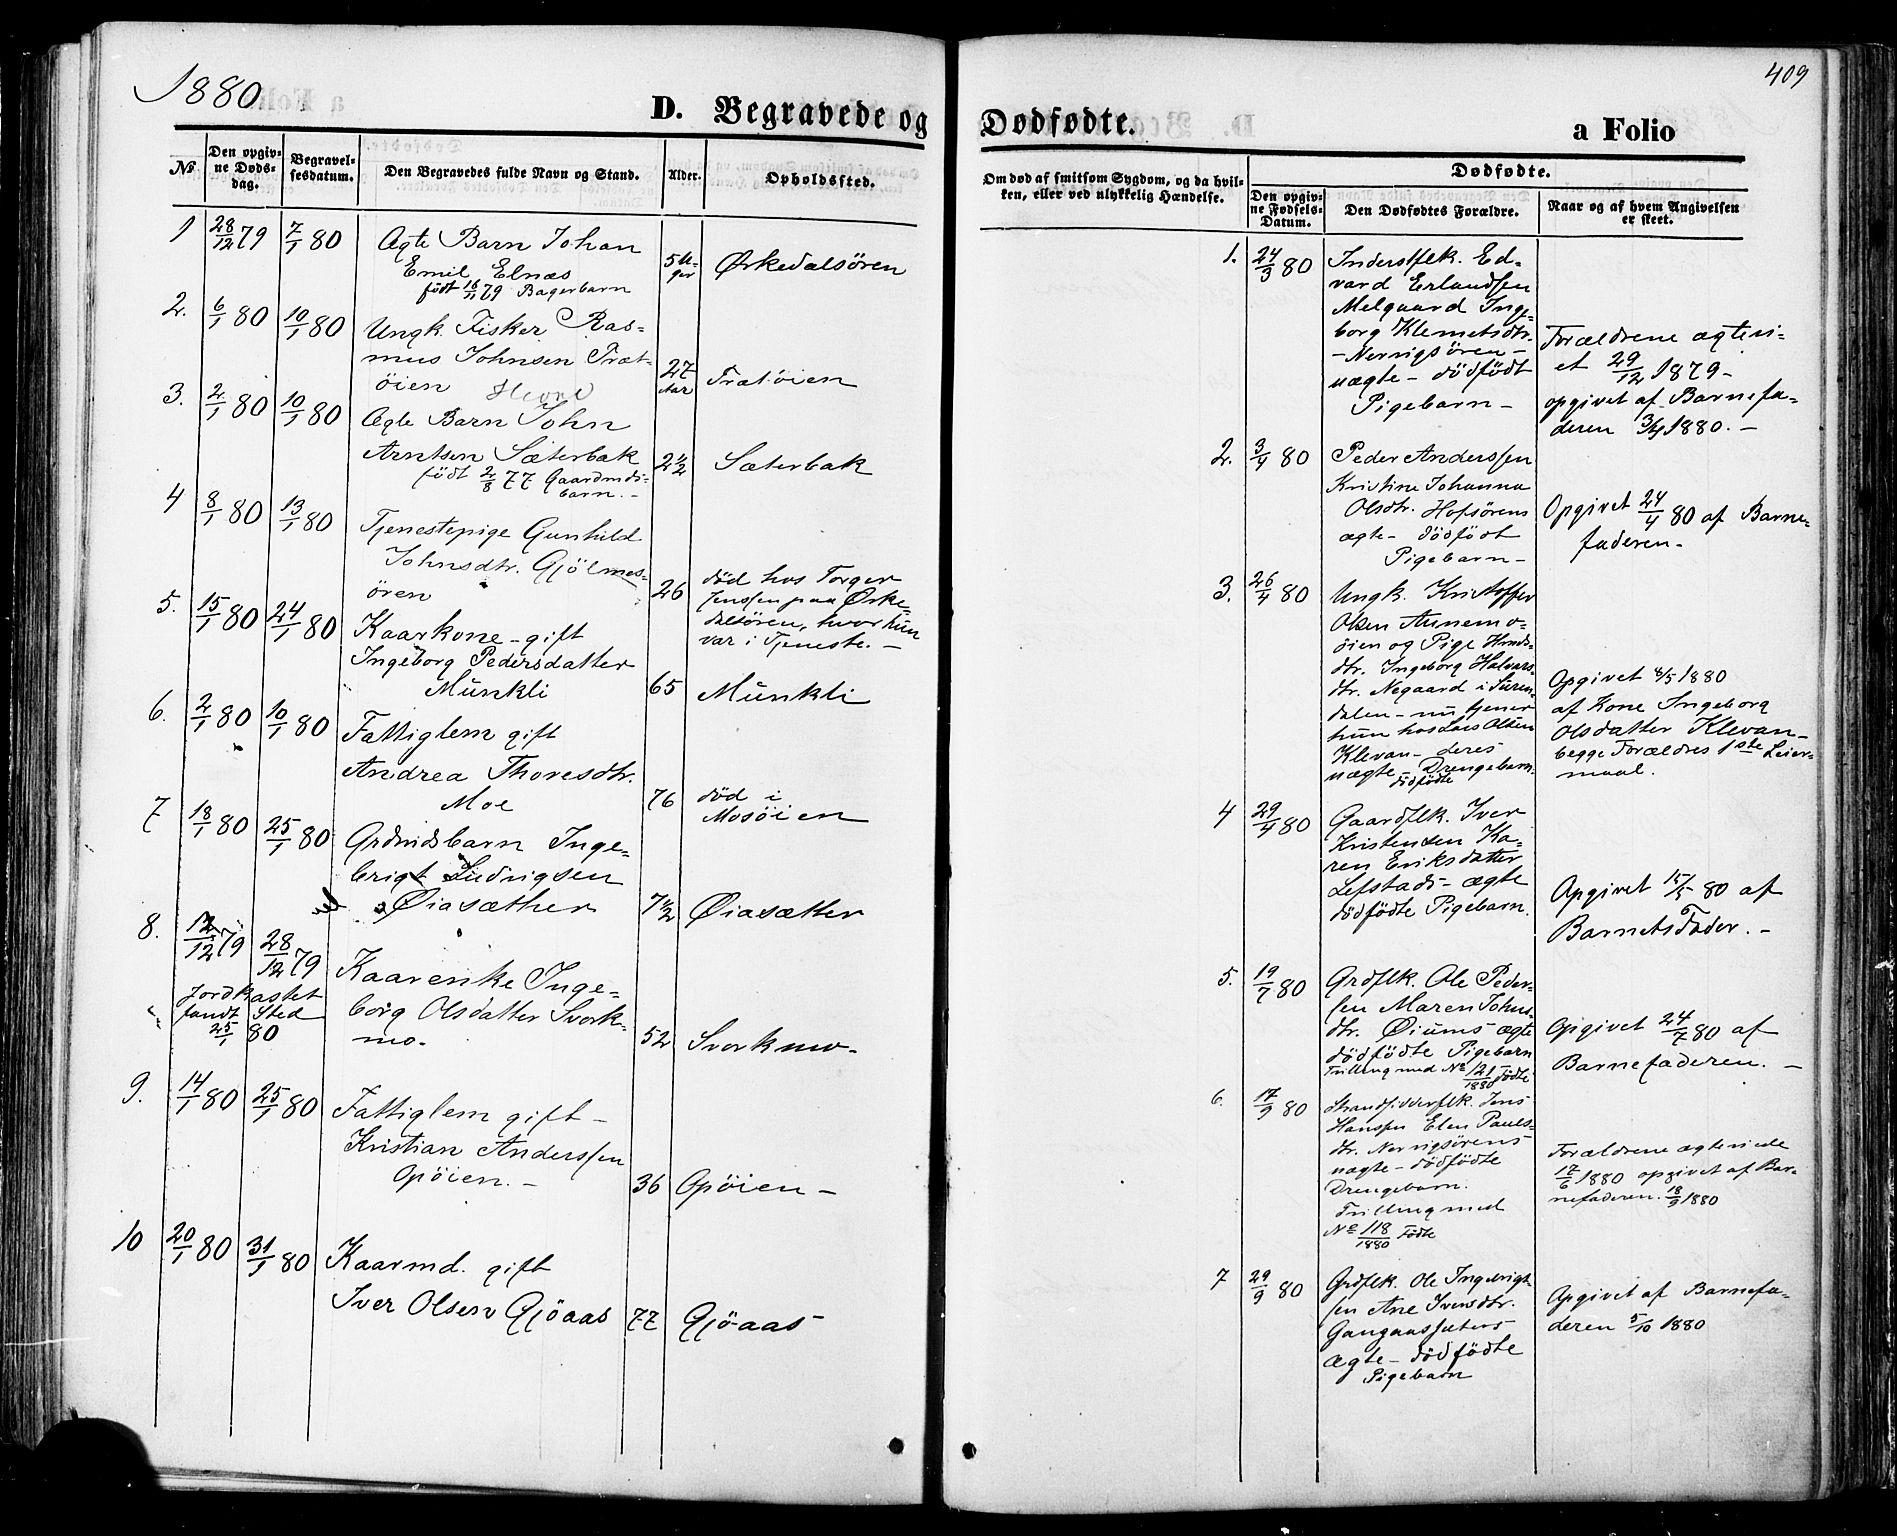 SAT, Ministerialprotokoller, klokkerbøker og fødselsregistre - Sør-Trøndelag, 668/L0807: Ministerialbok nr. 668A07, 1870-1880, s. 409